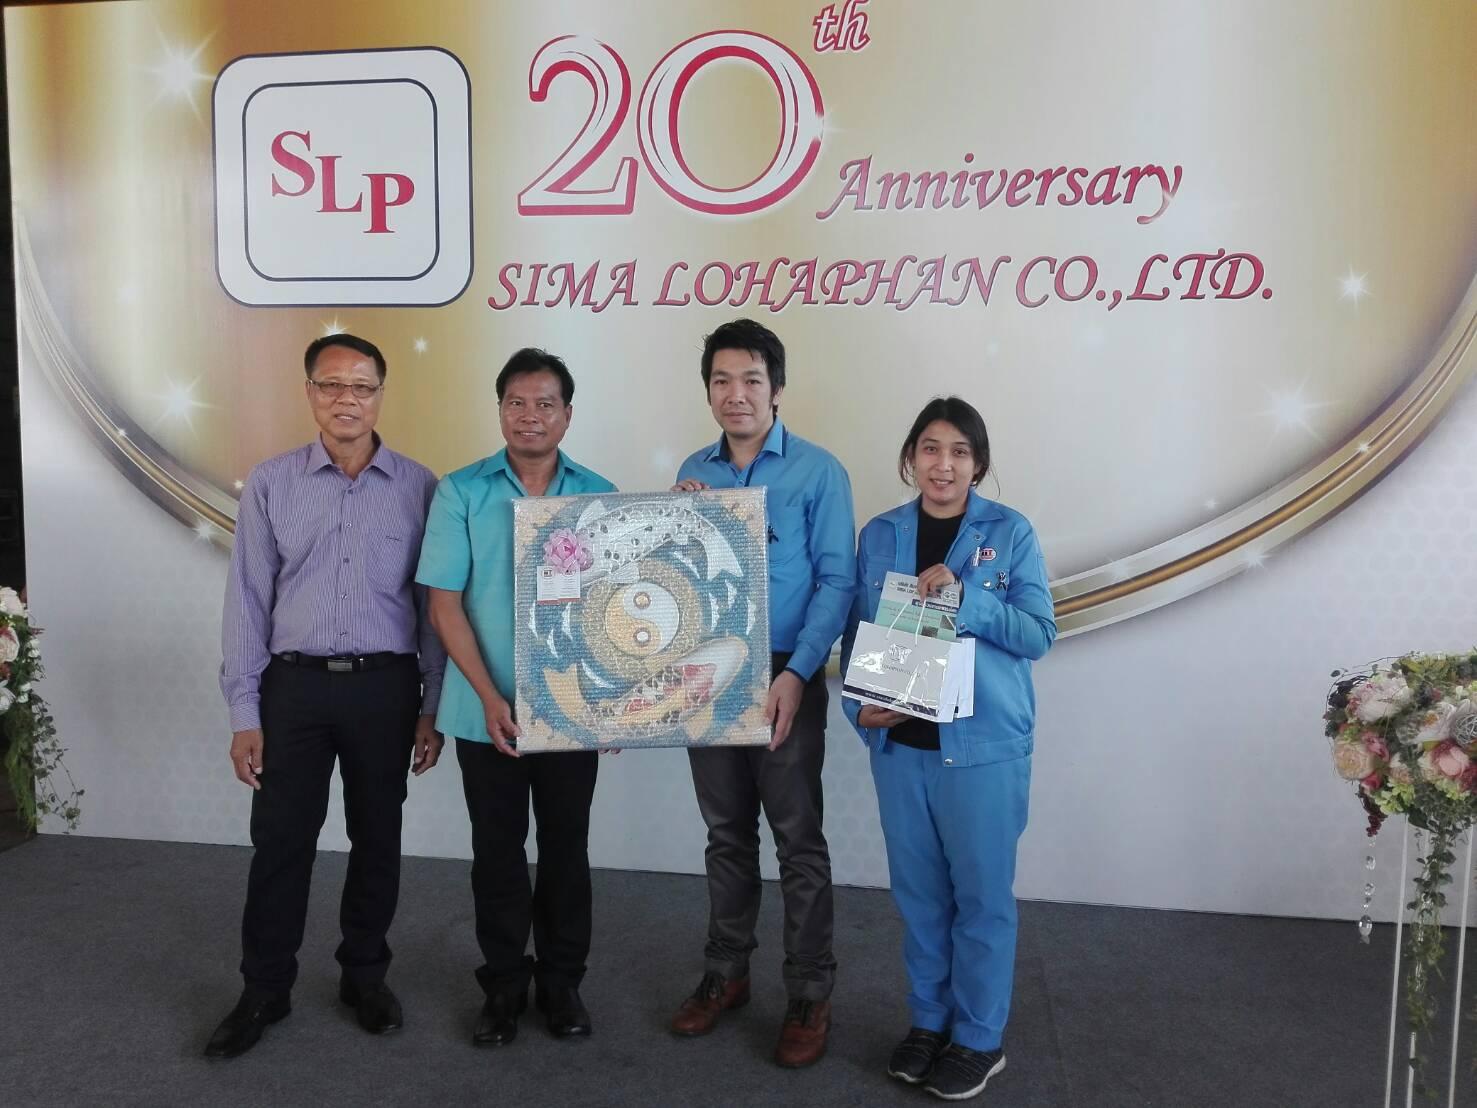 IITGROUP แสดงความยินดีกับลูกค้า บ.สีมาโลหะภัณฑ์ ในโอกาสครบรอบ 20